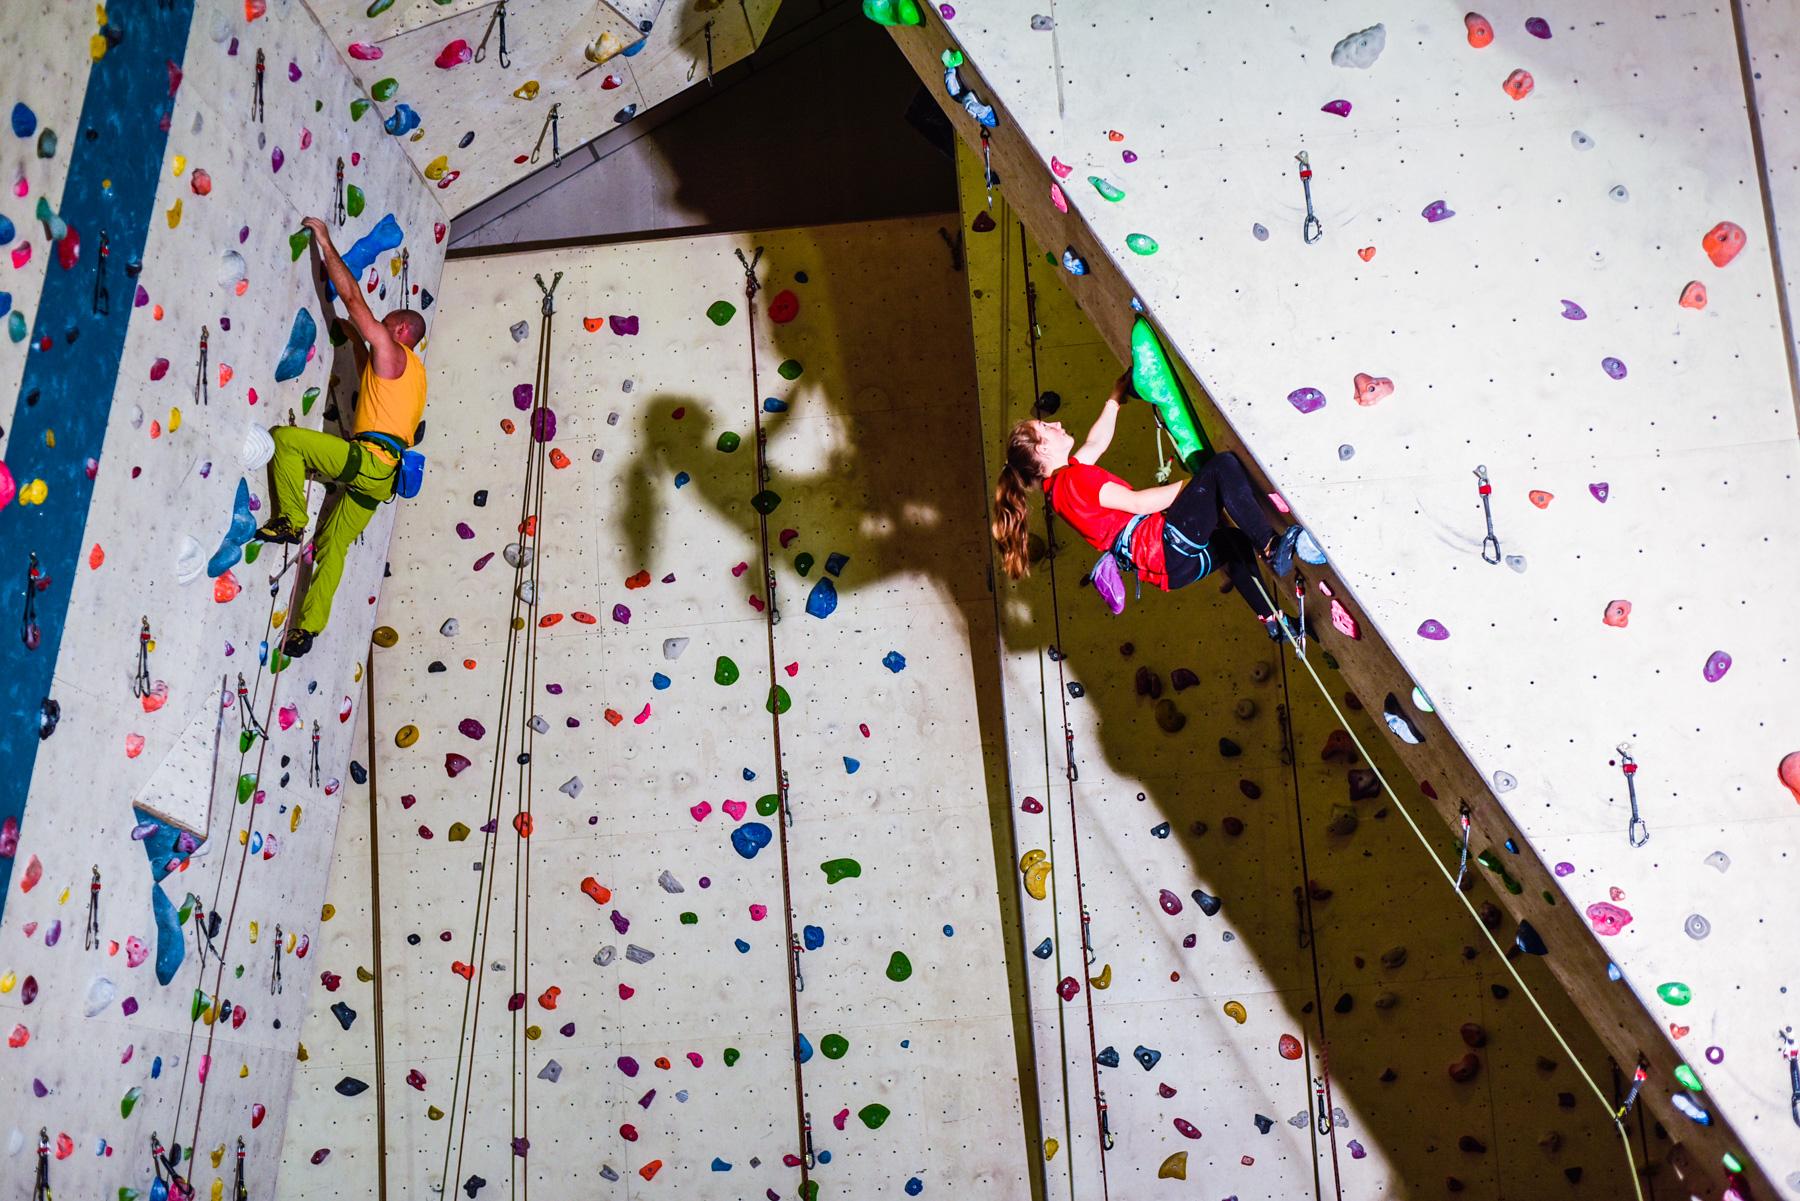 Boulders-8012.jpg